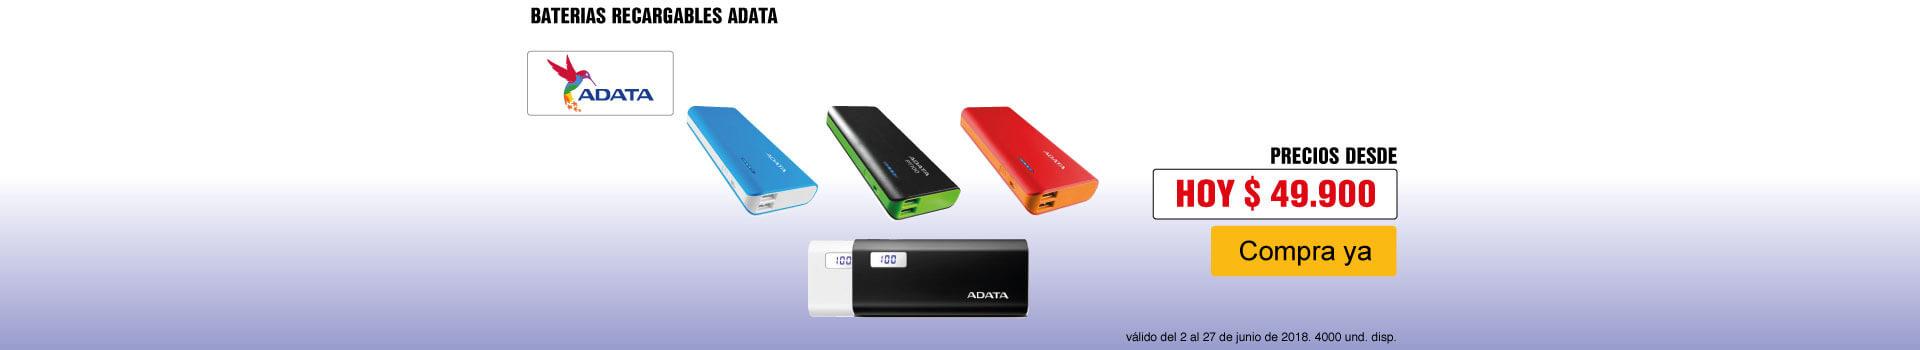 AK-KT-PP-2-accesorios-PP---Adata-bateriarecarg-May3